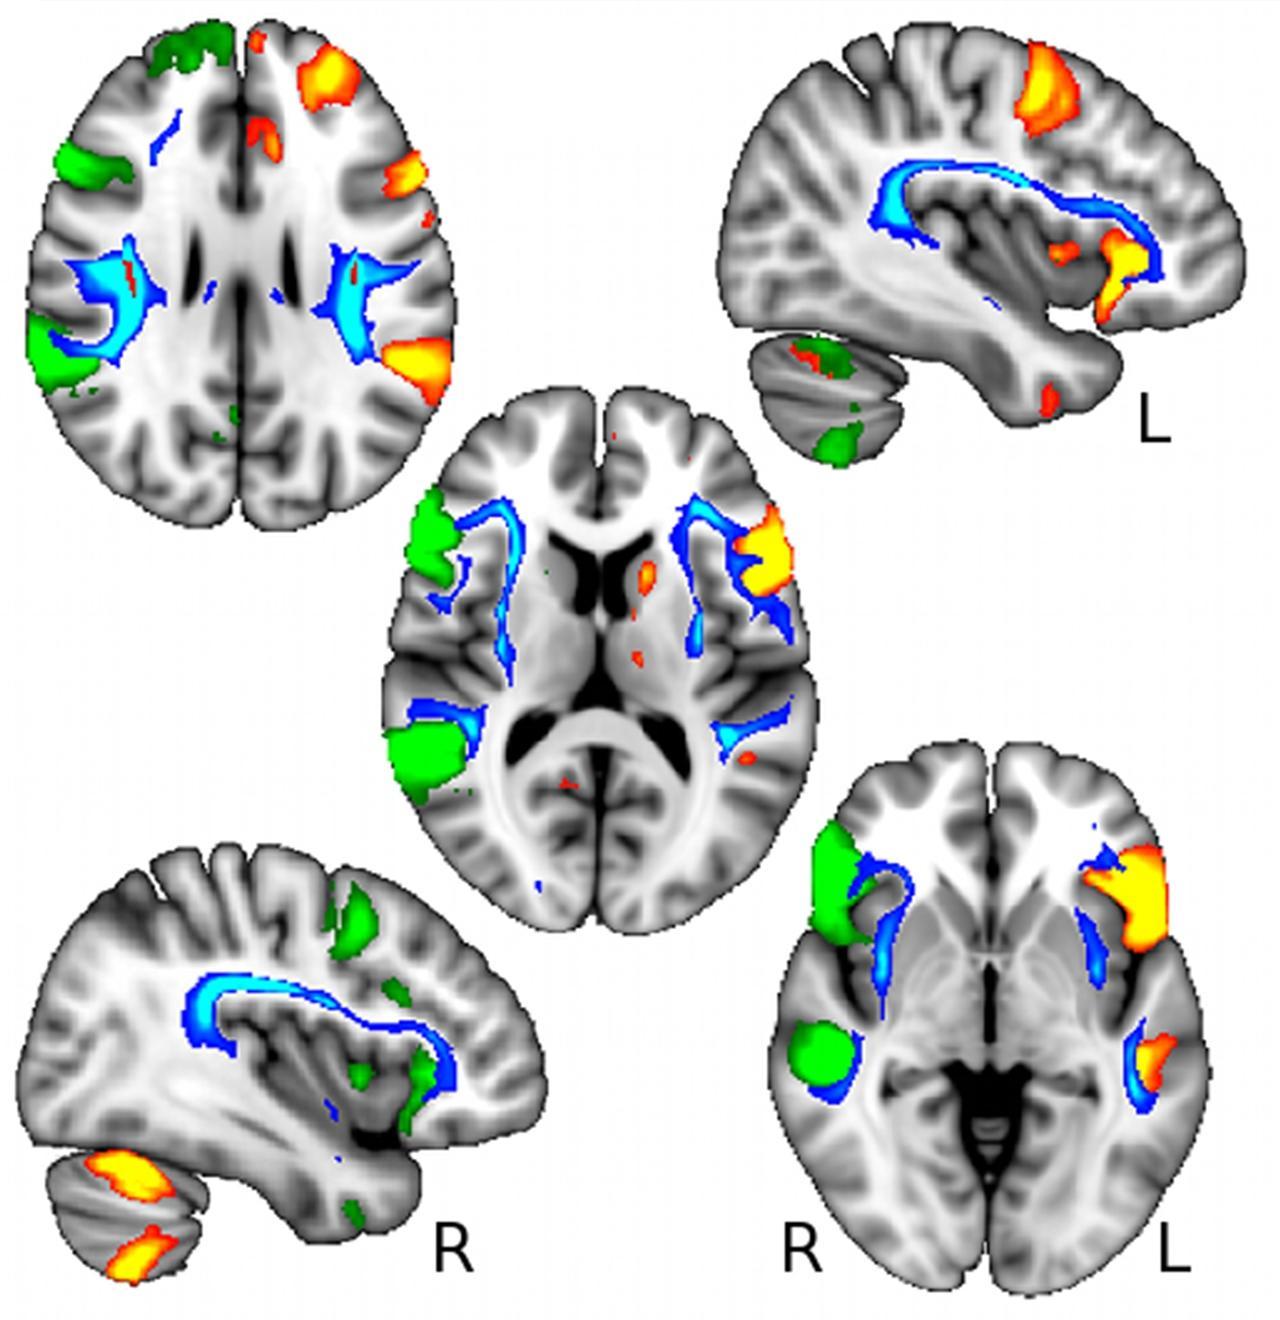 Леворукость оказалась связана с отличиями в геноме и структурах мозга